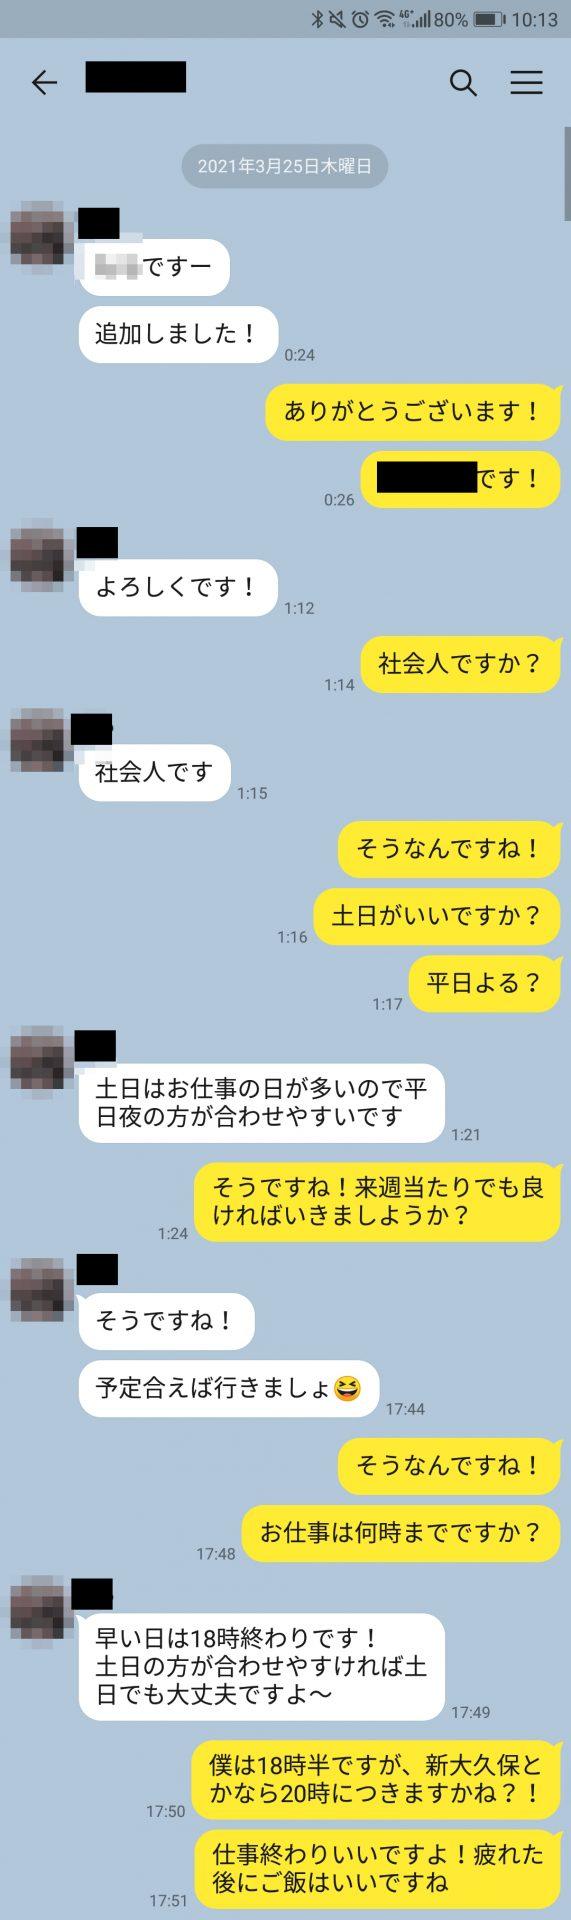 21_ol_pcmaxカカオ全文_01